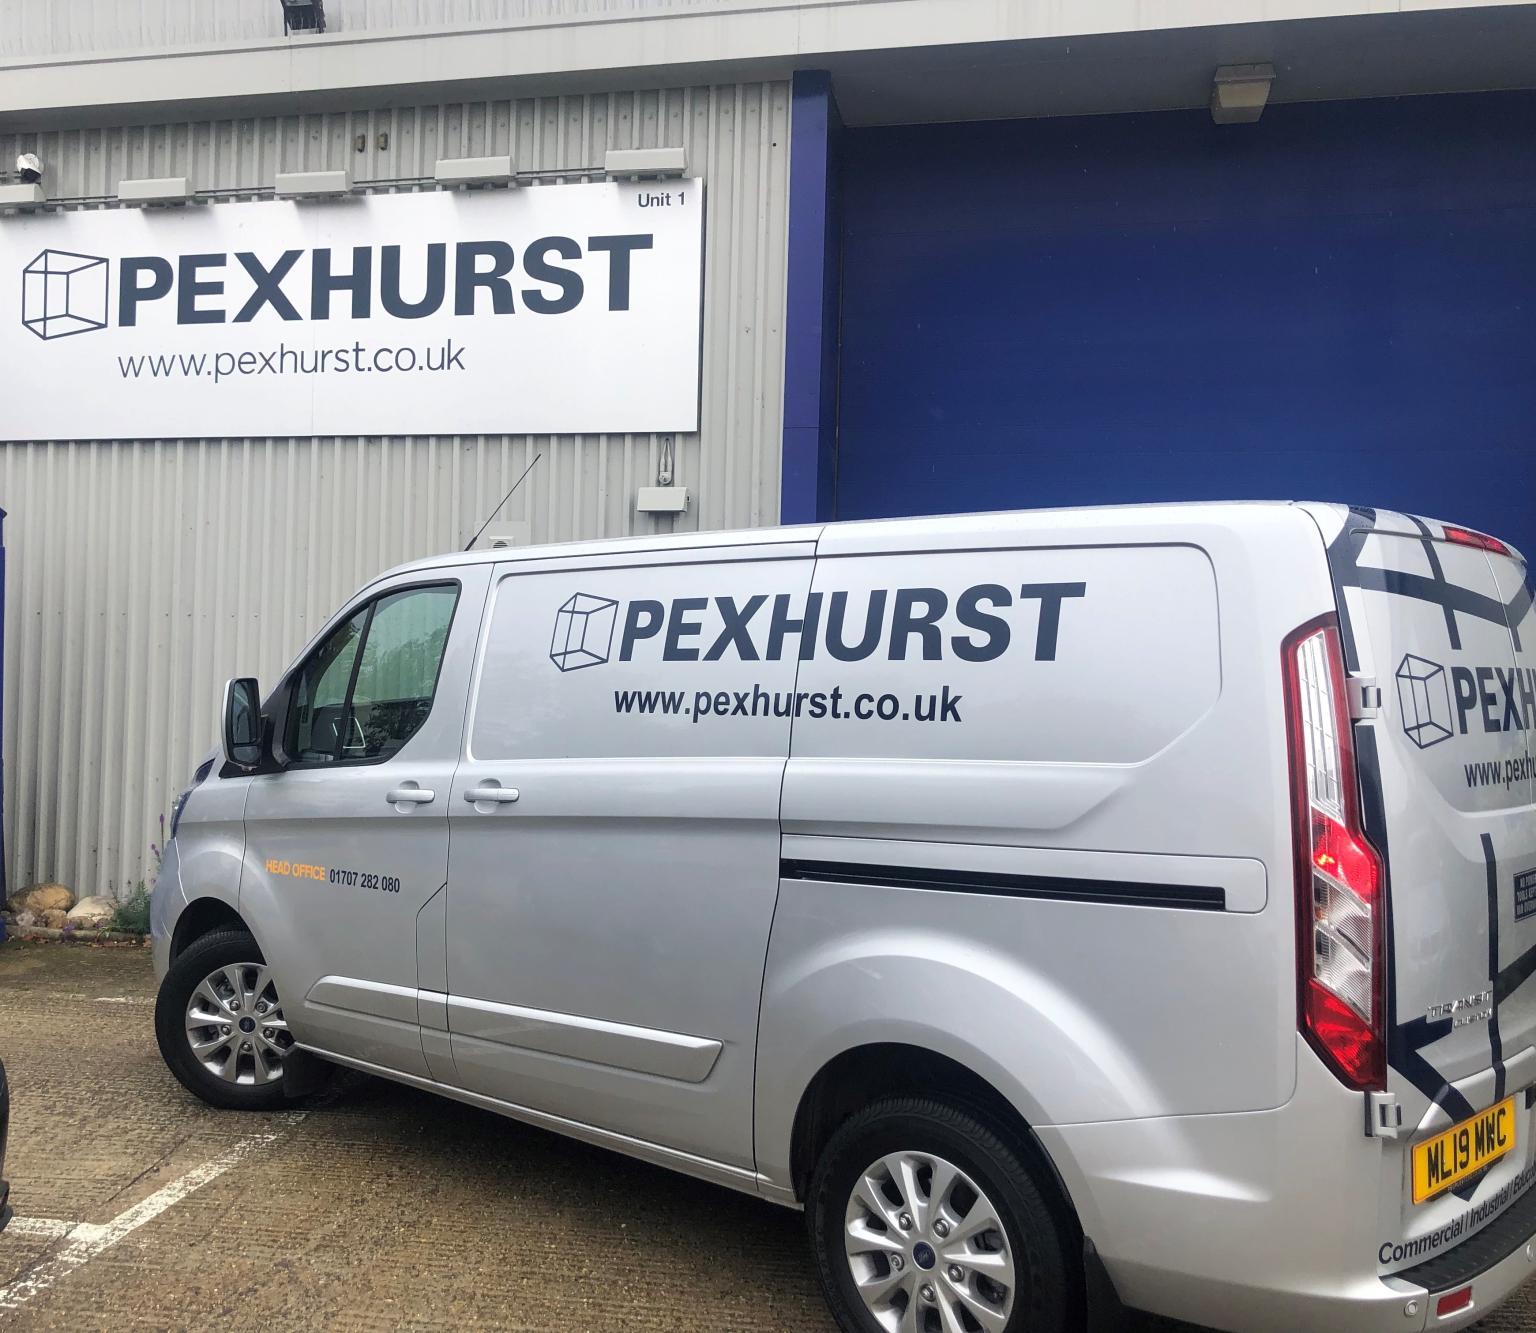 https://www.pexhurst.co.uk/wp-content/uploads/2019/10/0.jpg